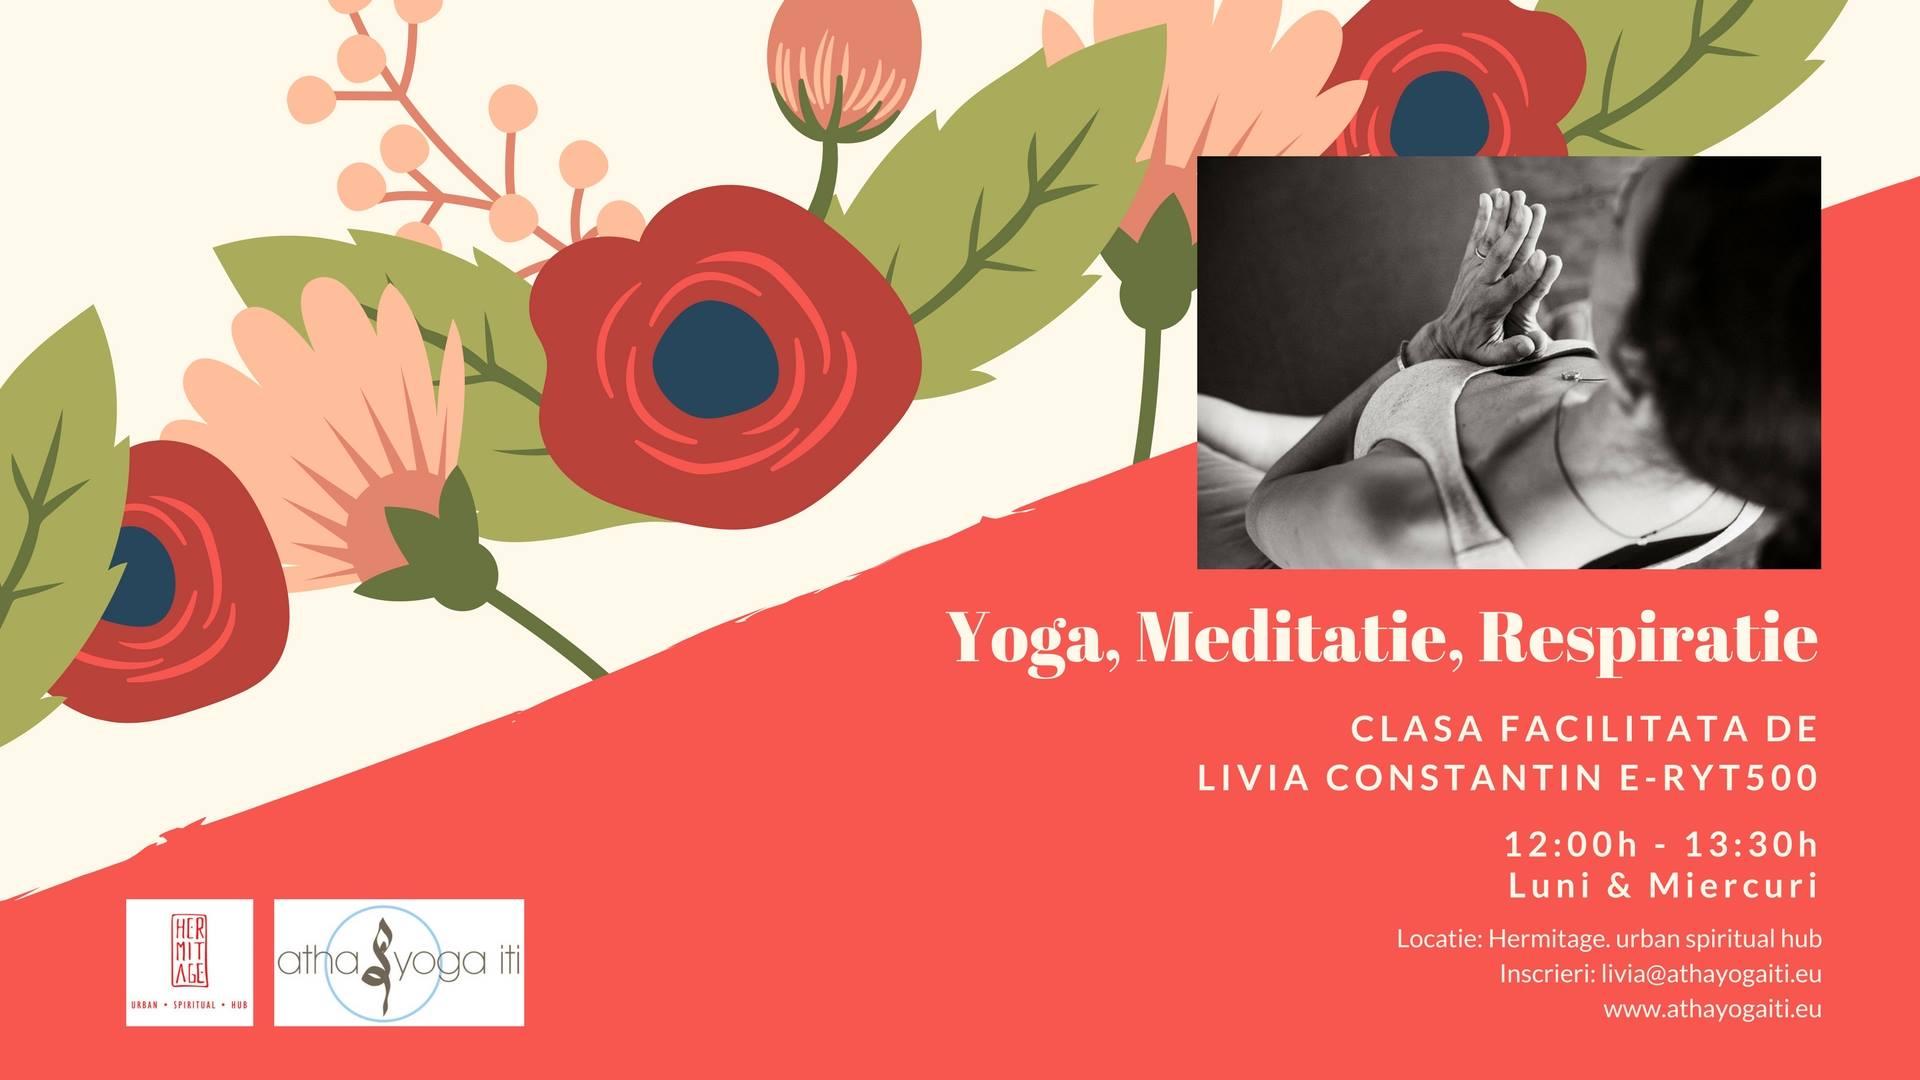 Yoga, Meditation and Breathing